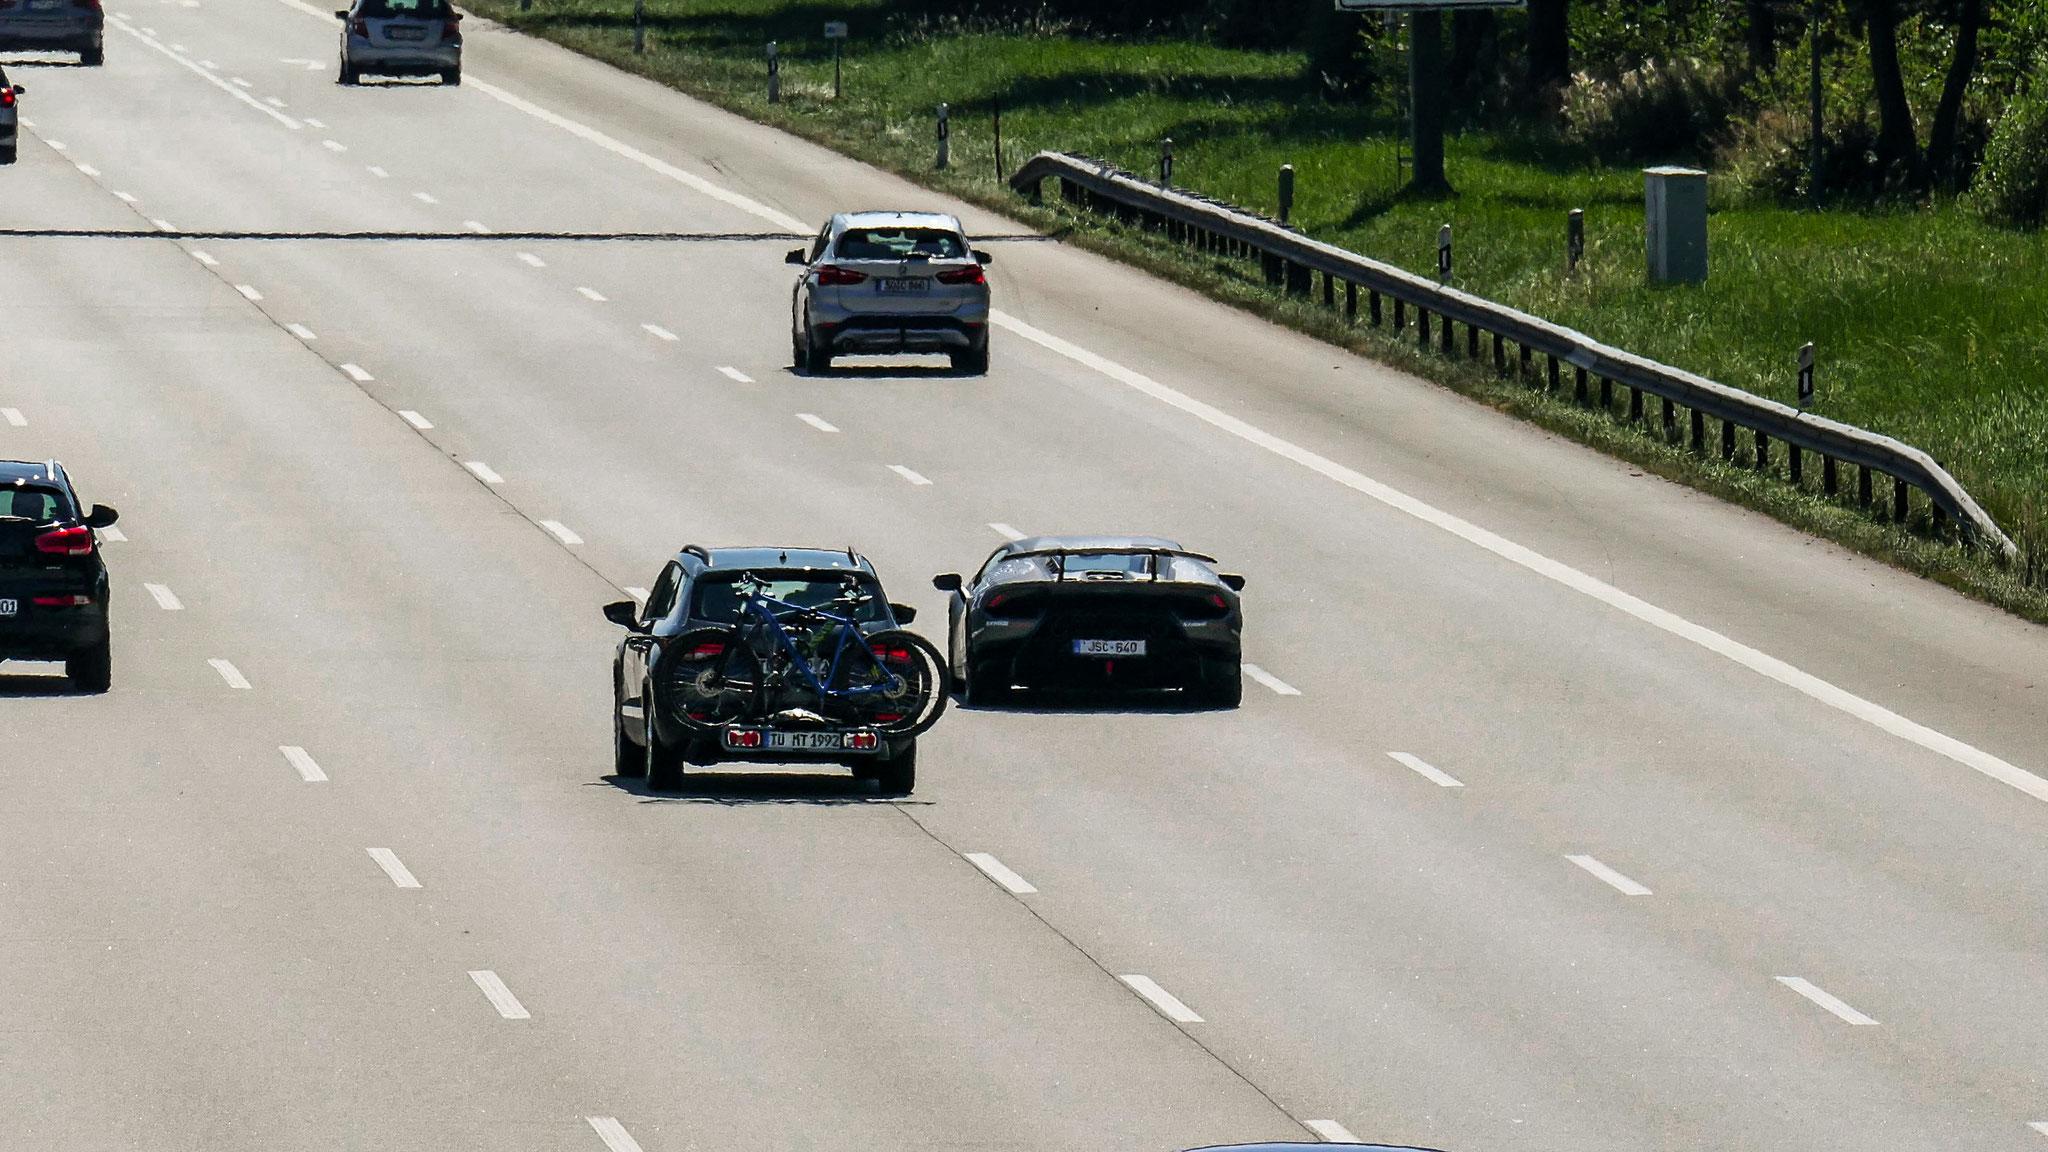 Lamborghini Huracan Performante - JSC-640 (BEL)